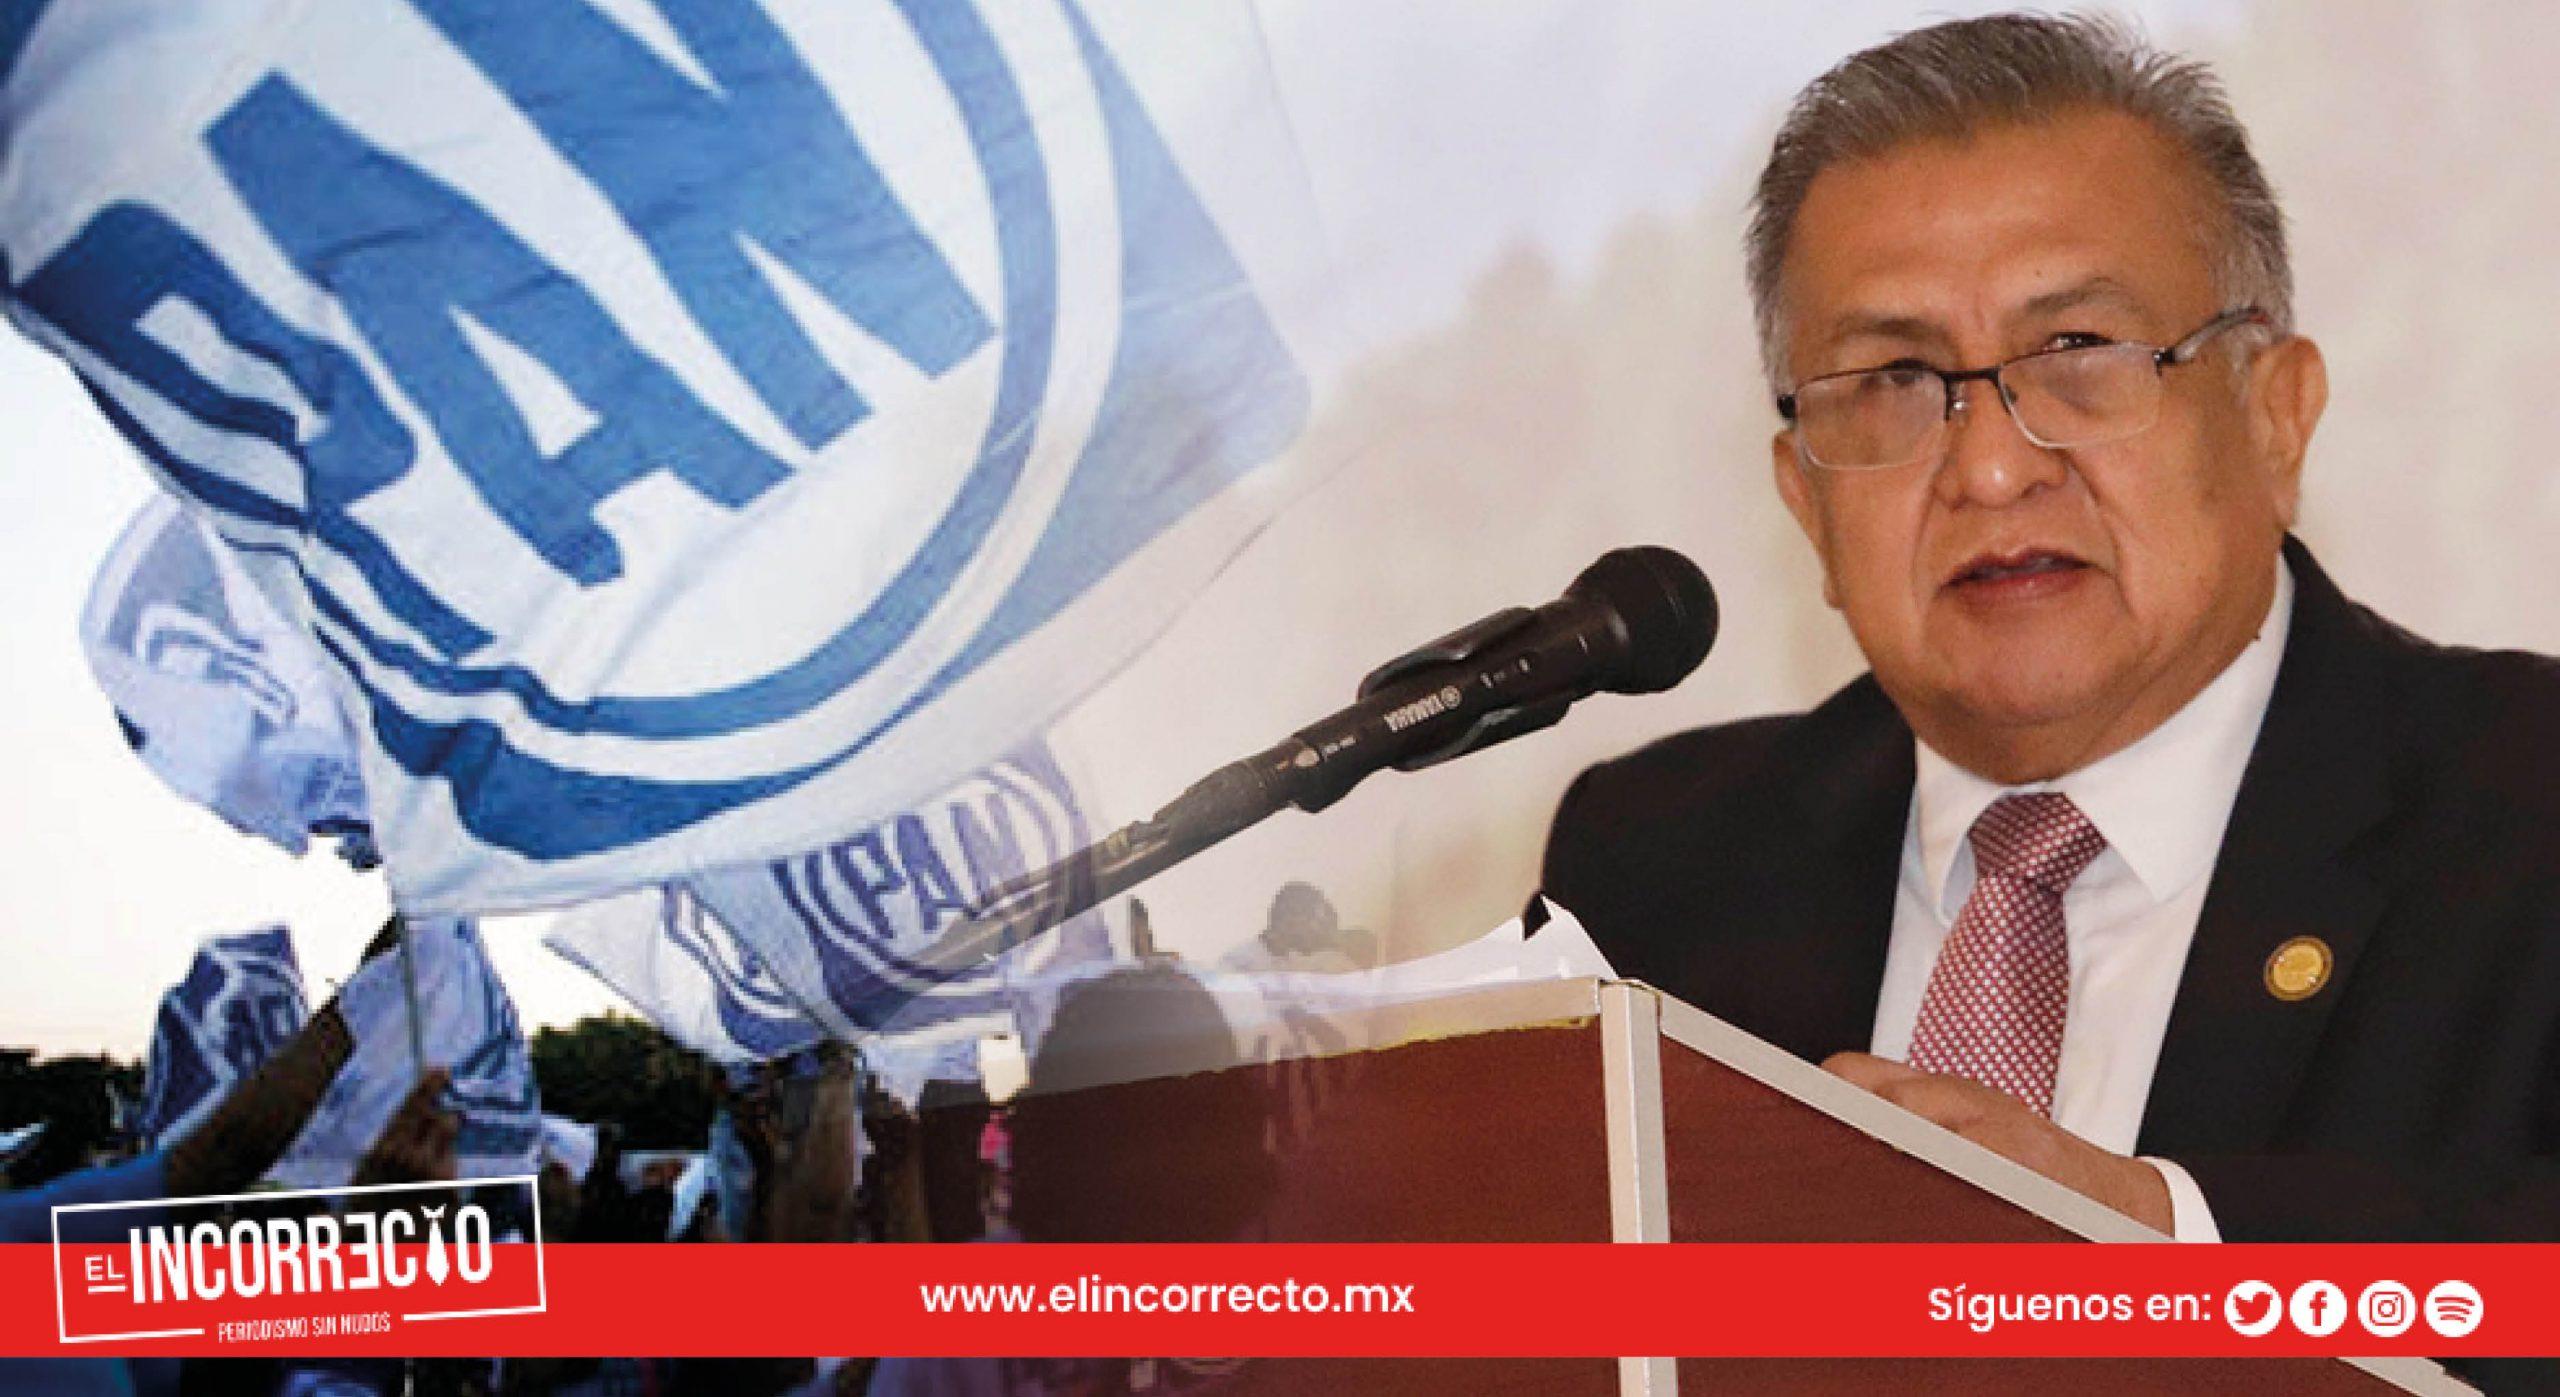 Saúl Huerta PAN